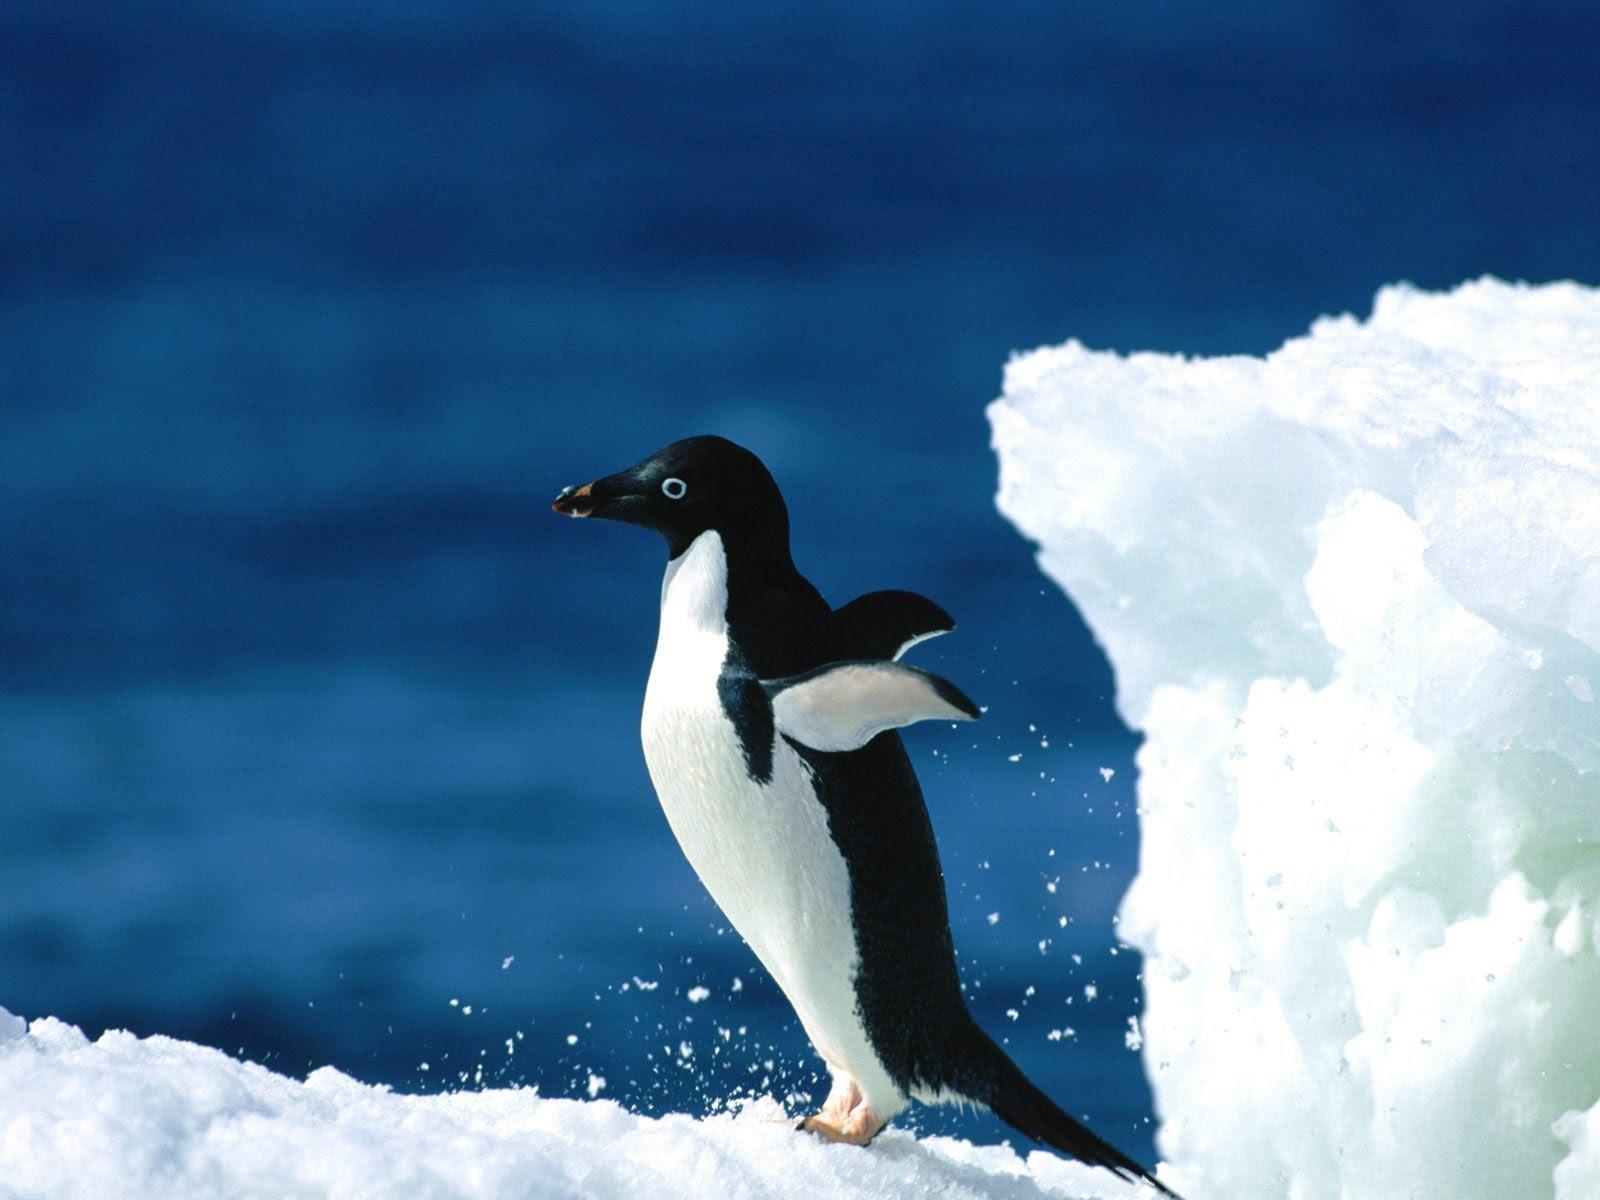 ペンギン写真の壁紙 17 1600x1200 壁紙ダウンロード ペンギン写真